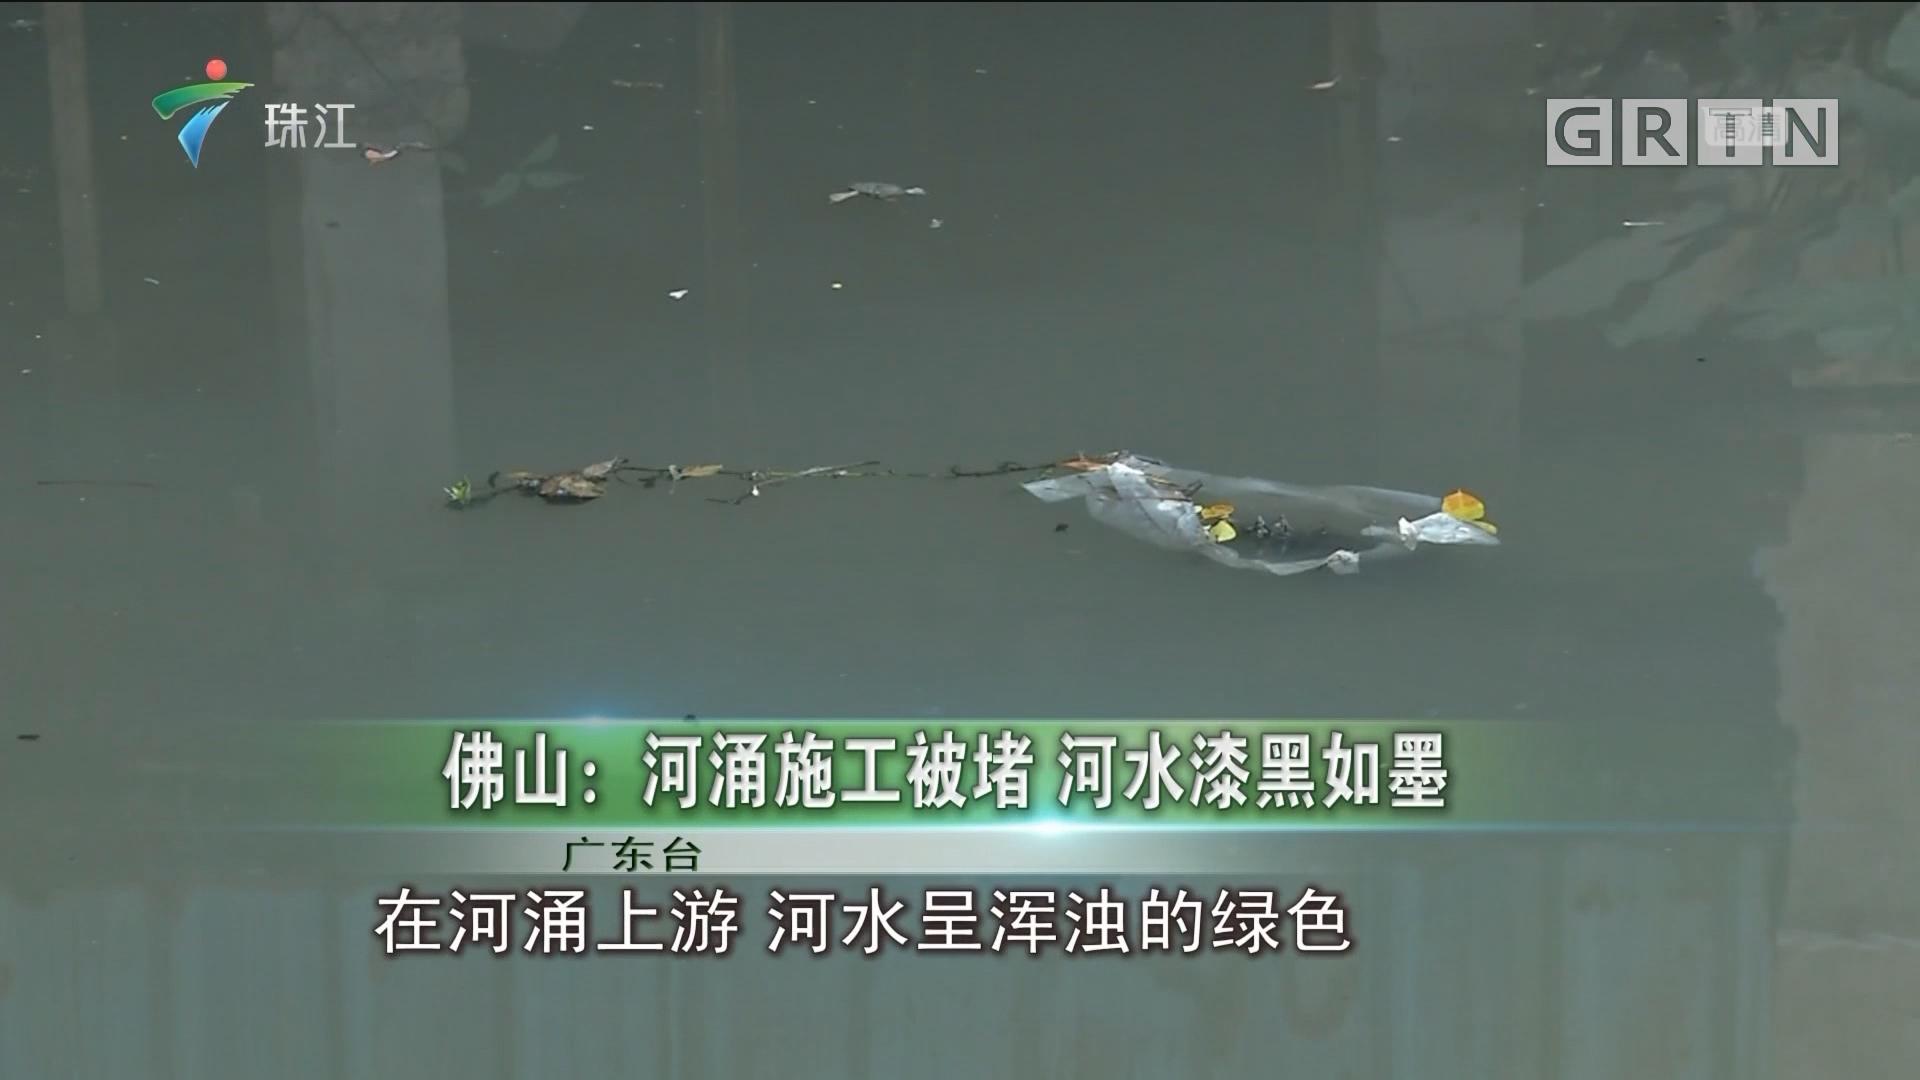 佛山:河涌施工被堵 河水漆黑如墨